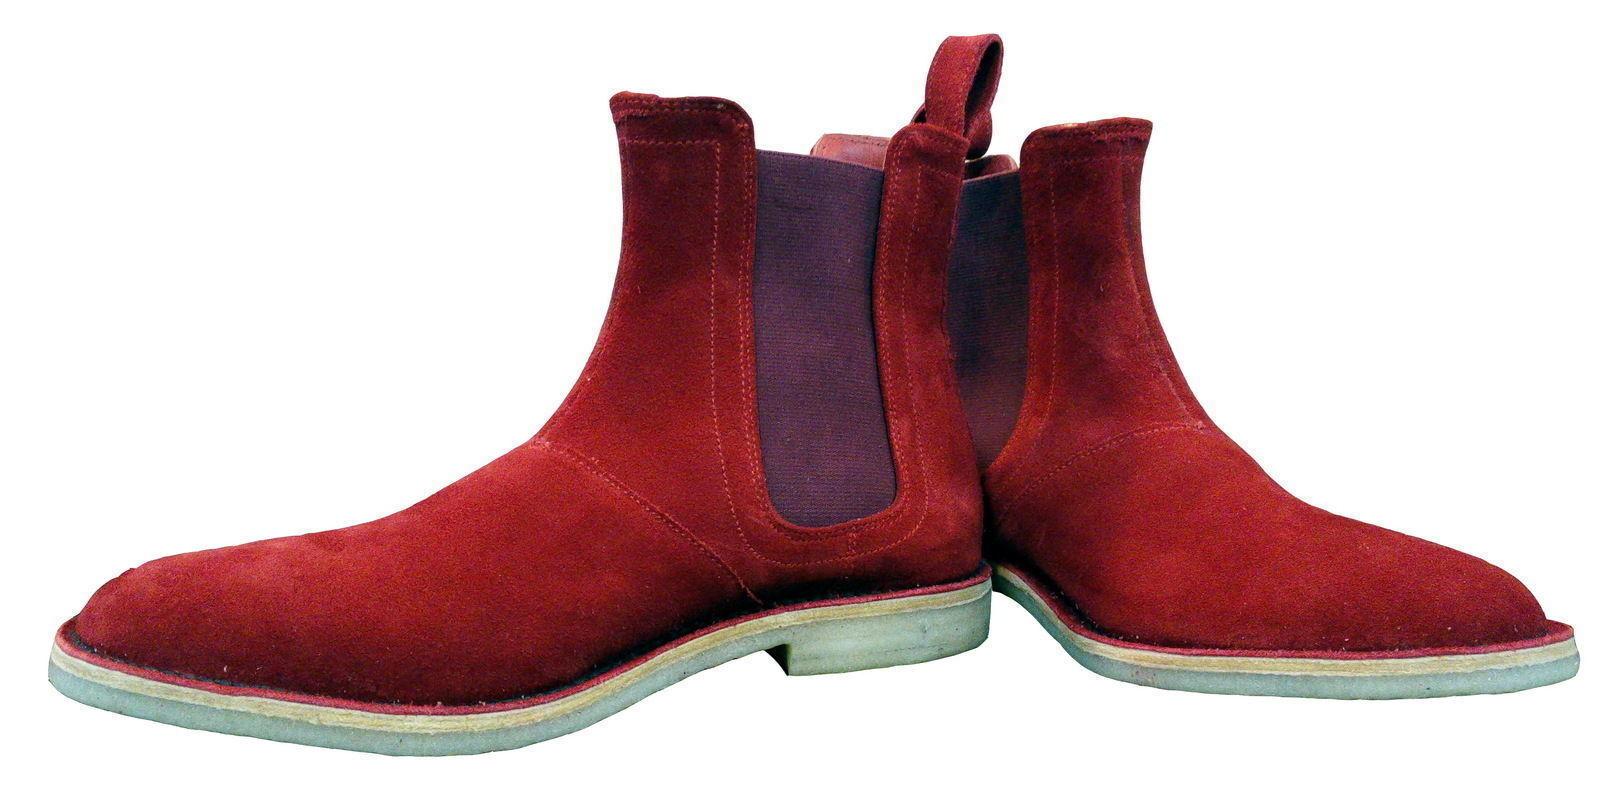 comprare sconti Uomo Fatto A Mano Pelle Scarpe Rosso Chelsea Alto Alto Alto Caviglia Pulsante Stivali IT  basso prezzo del 40%